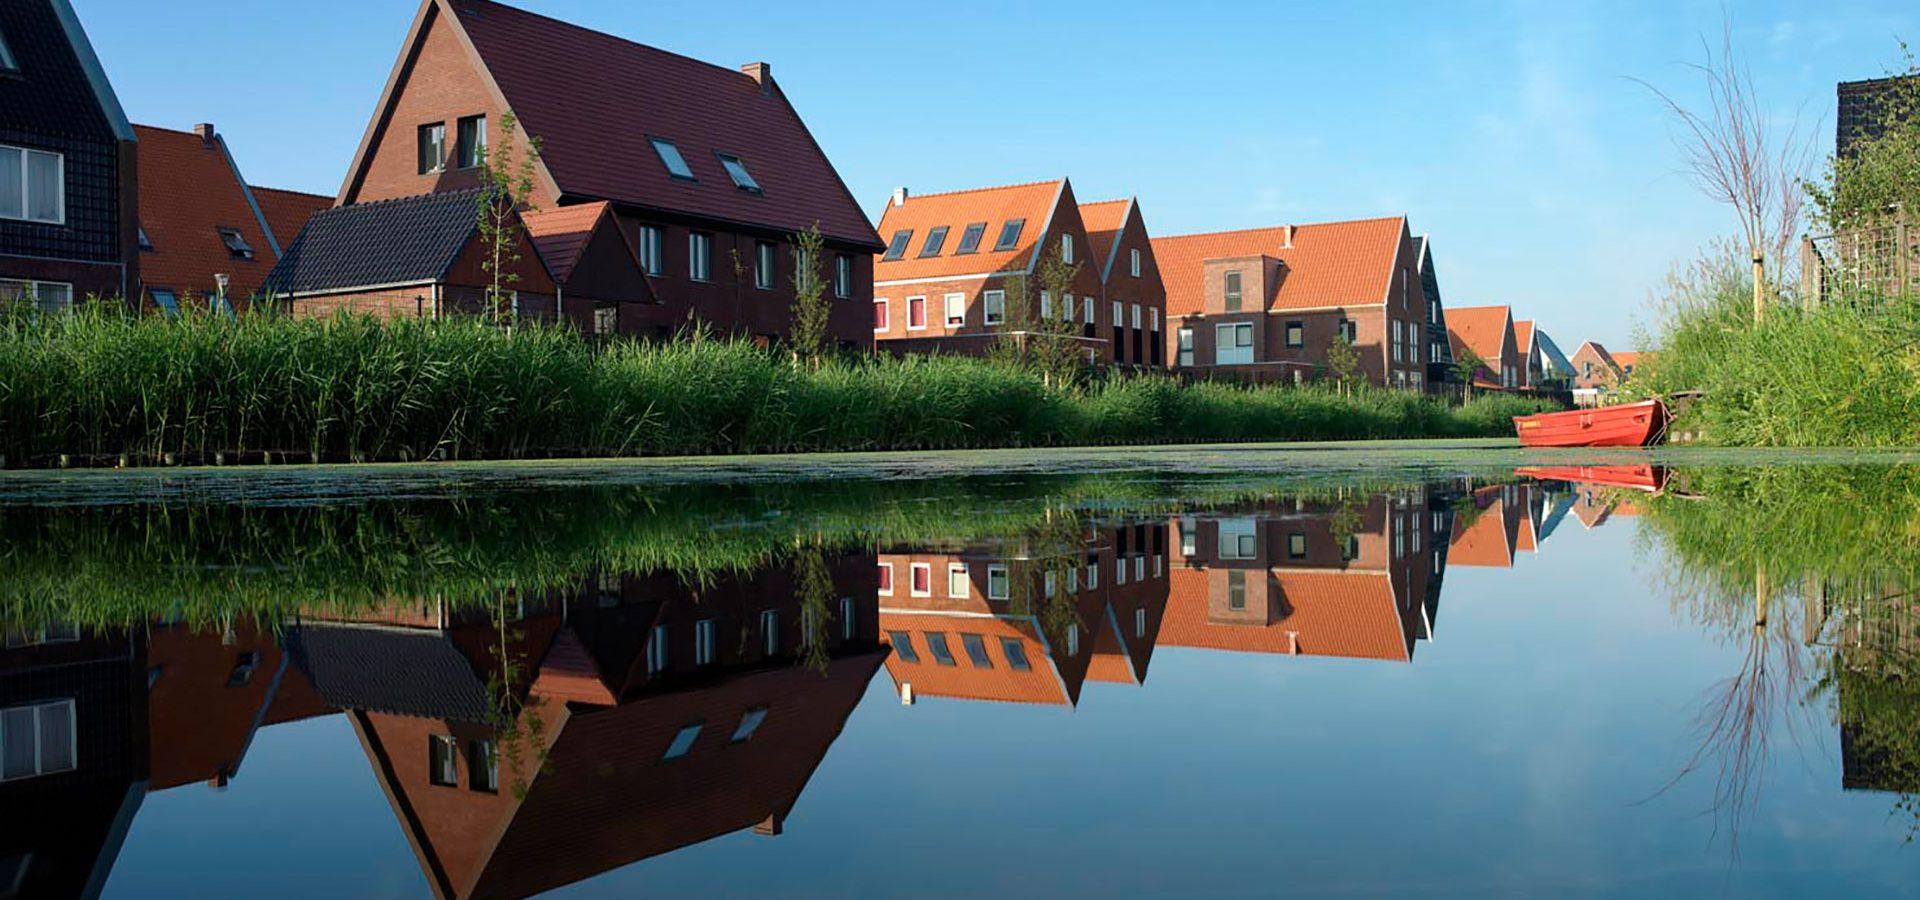 FARO architecten Ypenburg Biesland Den Haag 06